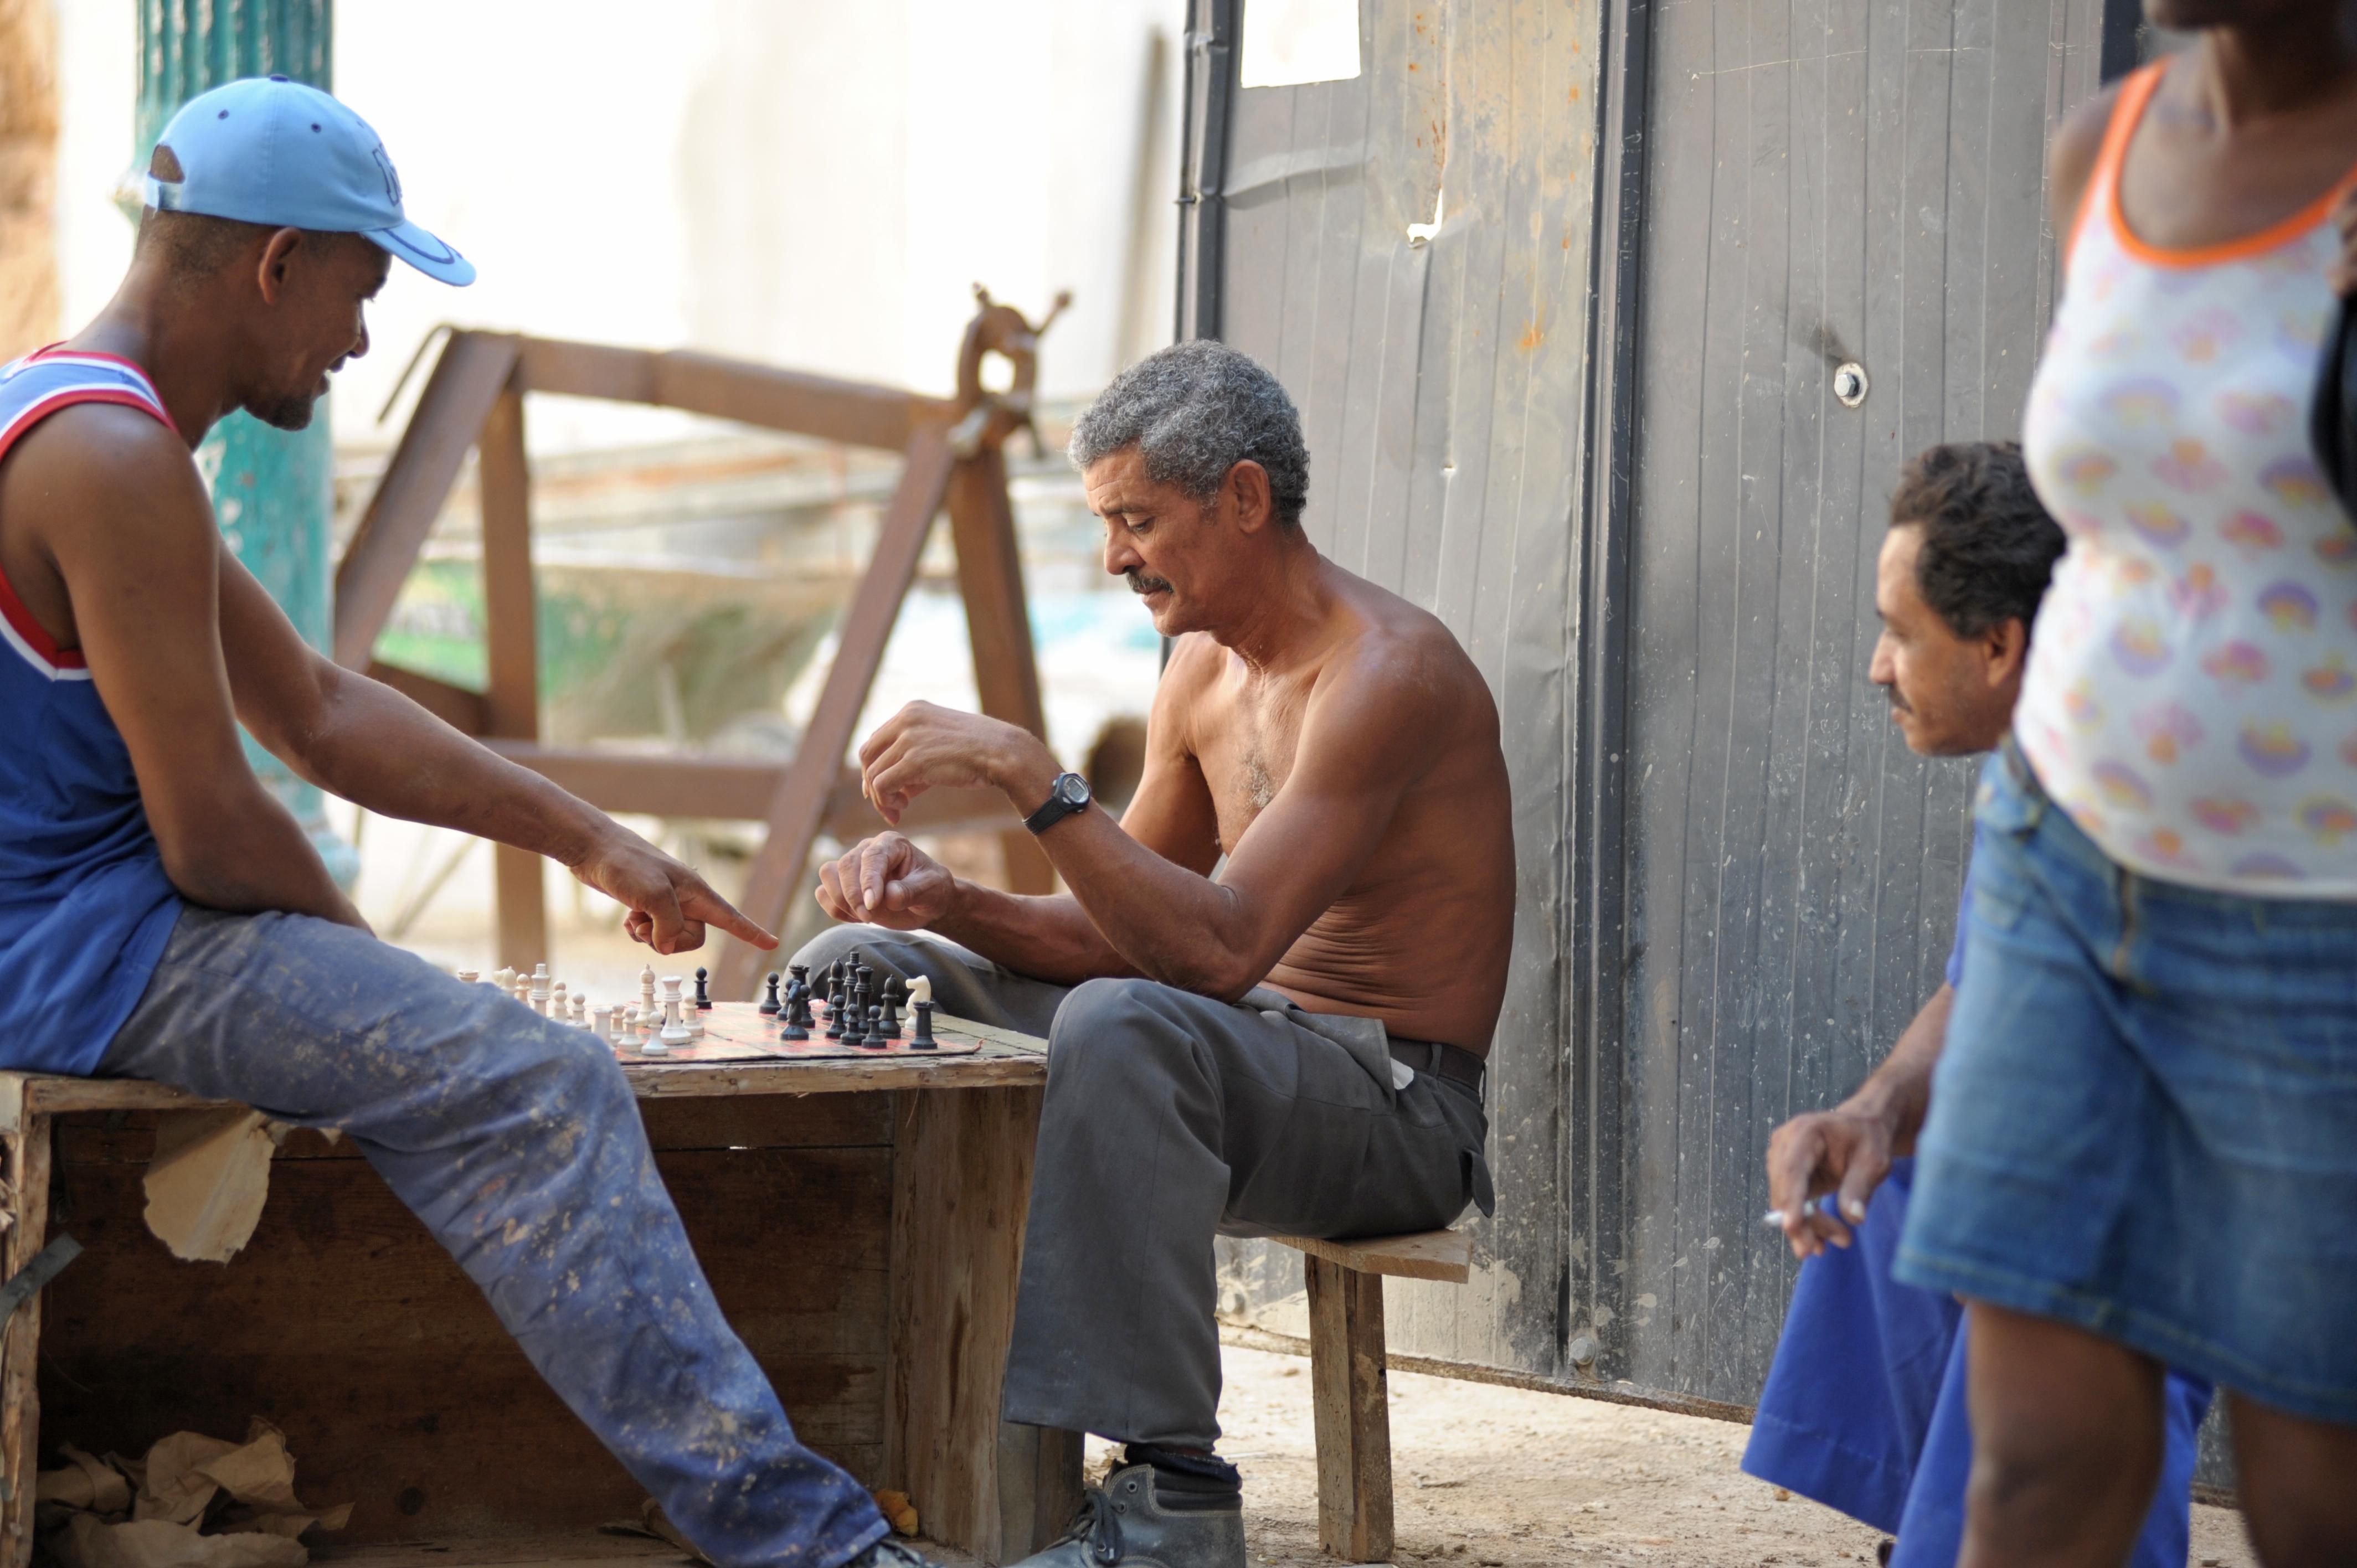 Chess_Habana